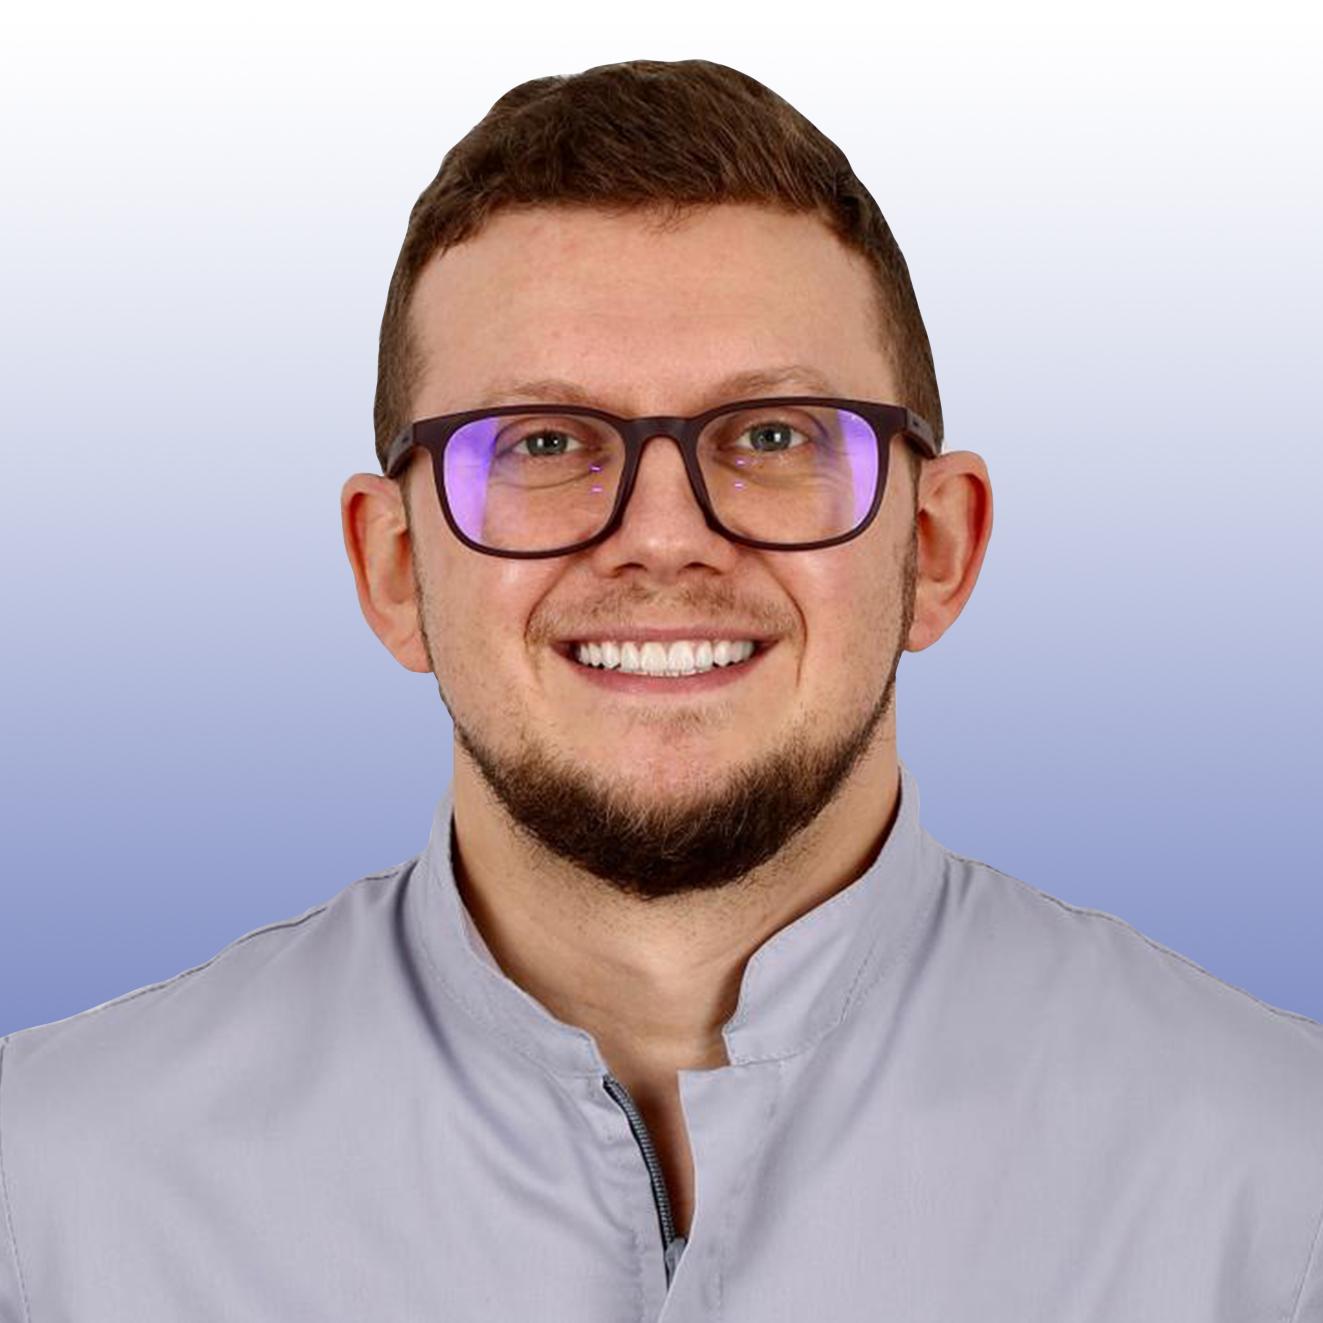 Першин Александр Евгеньевич